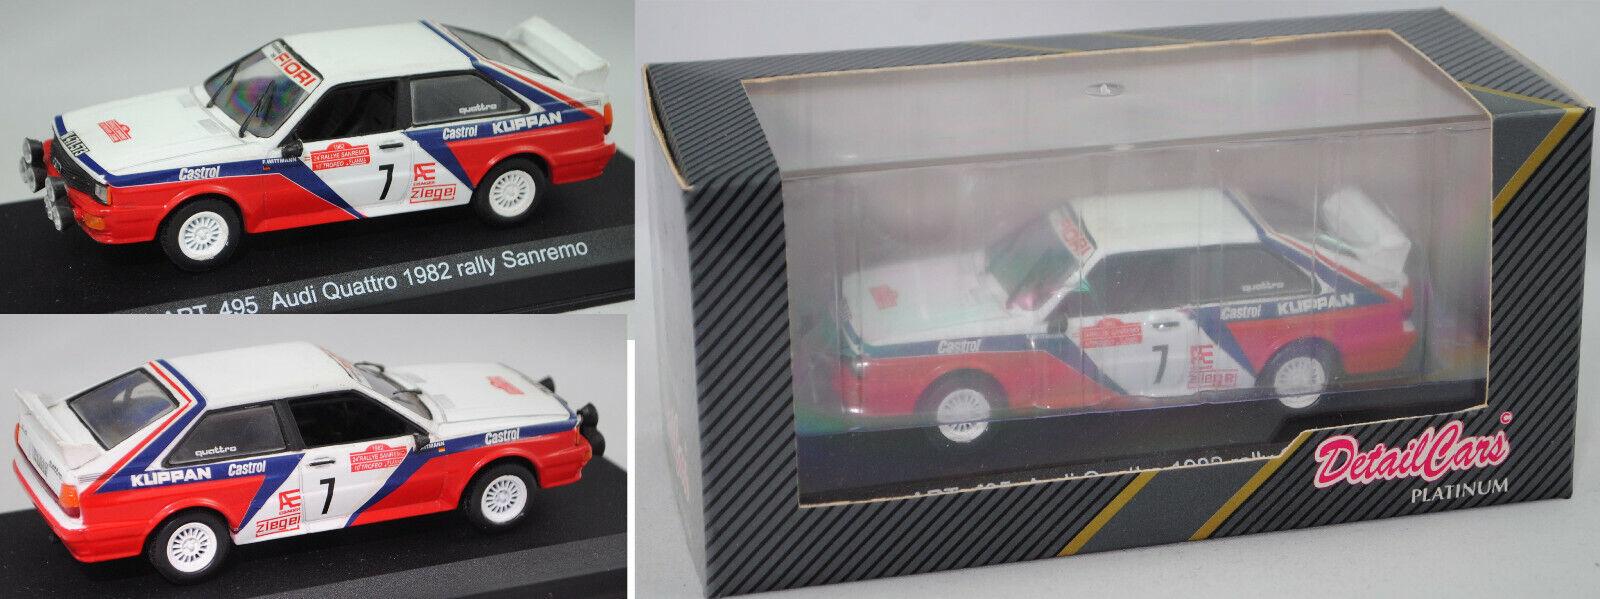 Détail voitures ® 495  Audi Quattro groupe 4 Rallye Italie 1982 WitthomHommes WAV DiekhomHommes  économiser jusqu'à 50%